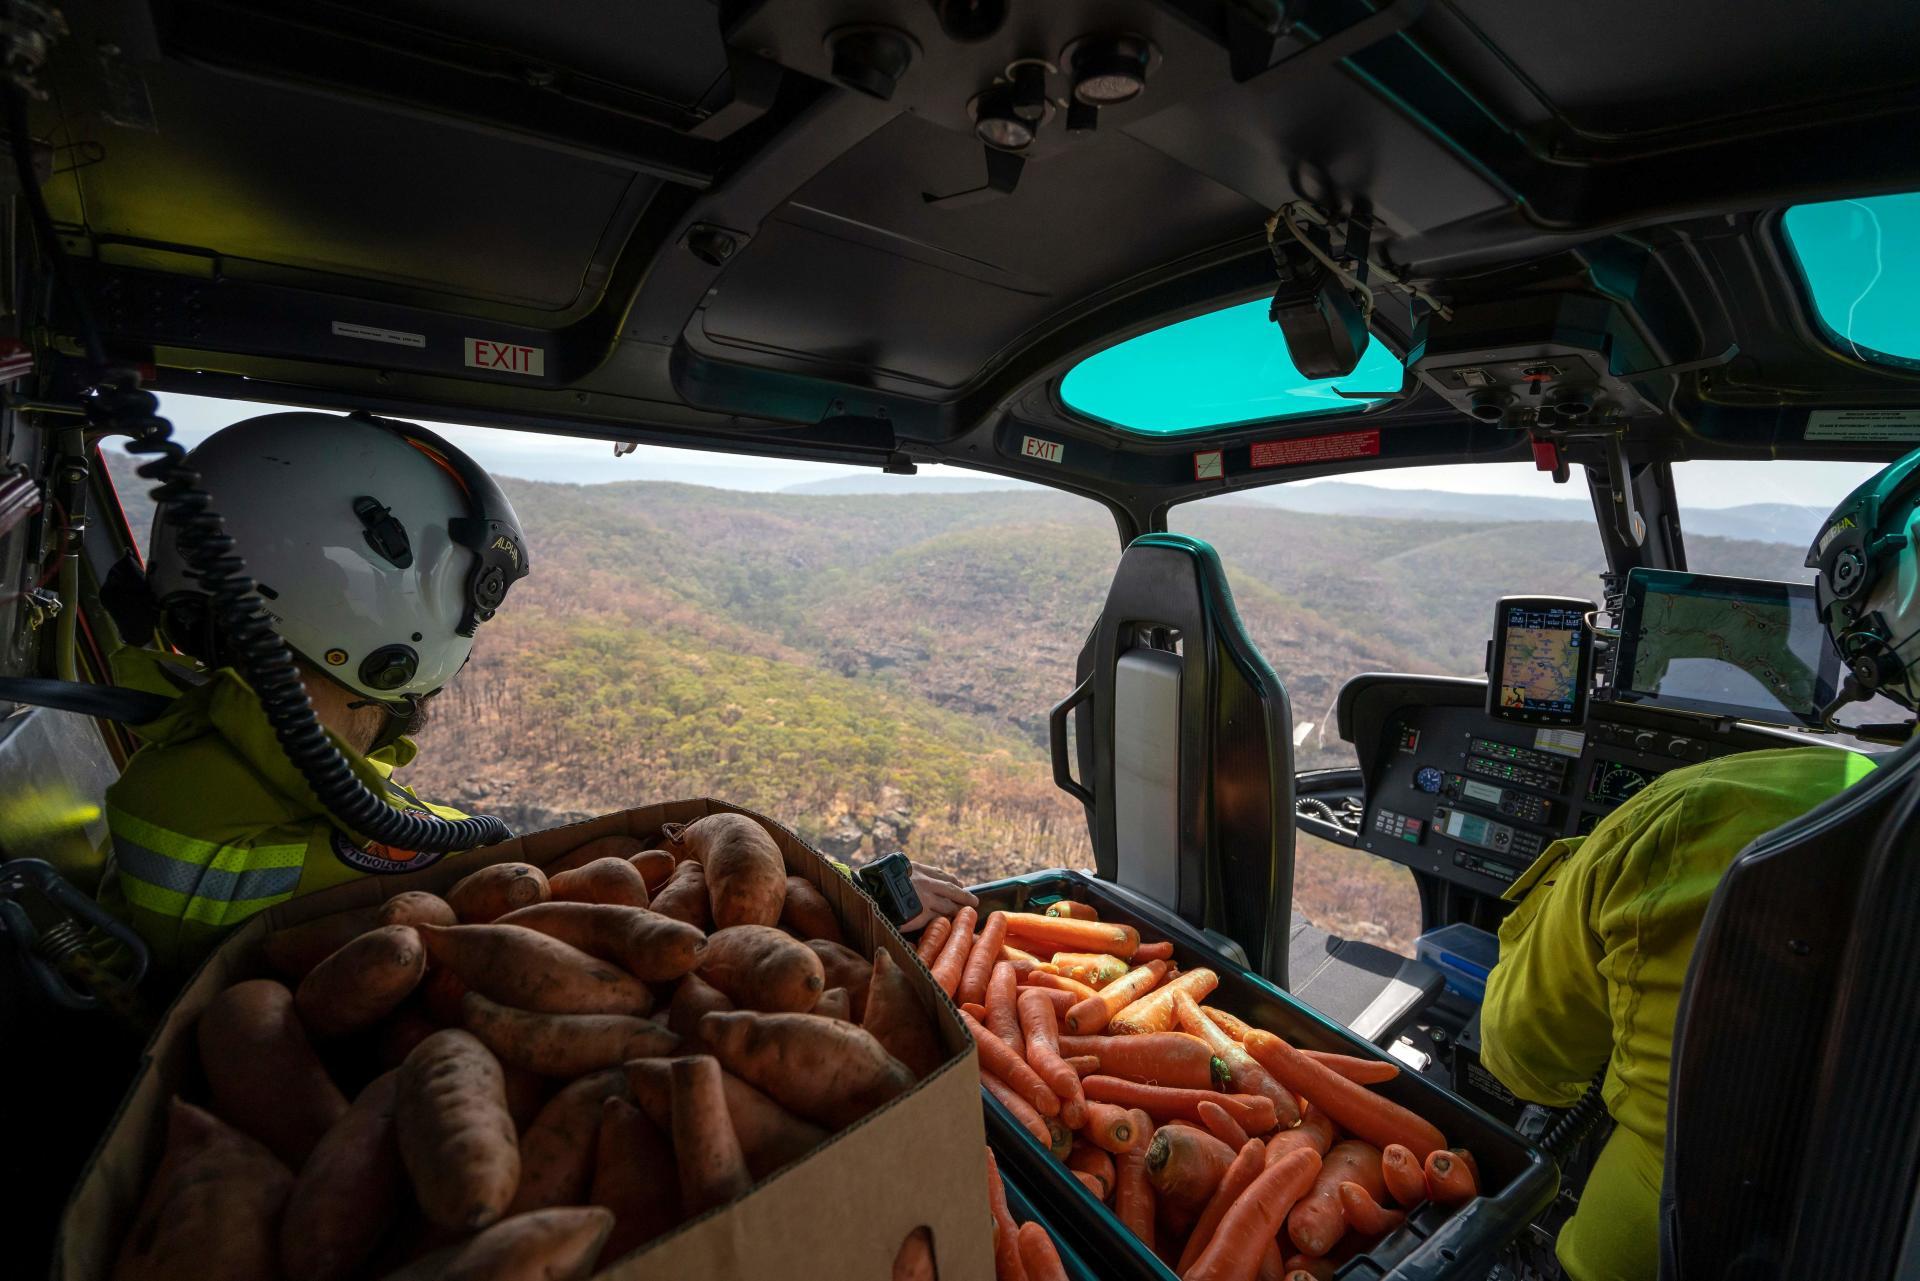 Les rangers espèrent que les wallabys rescapés trouveront les carottes et les patates douces qu'ils disposent à leur attention, dans des endroits protégés.